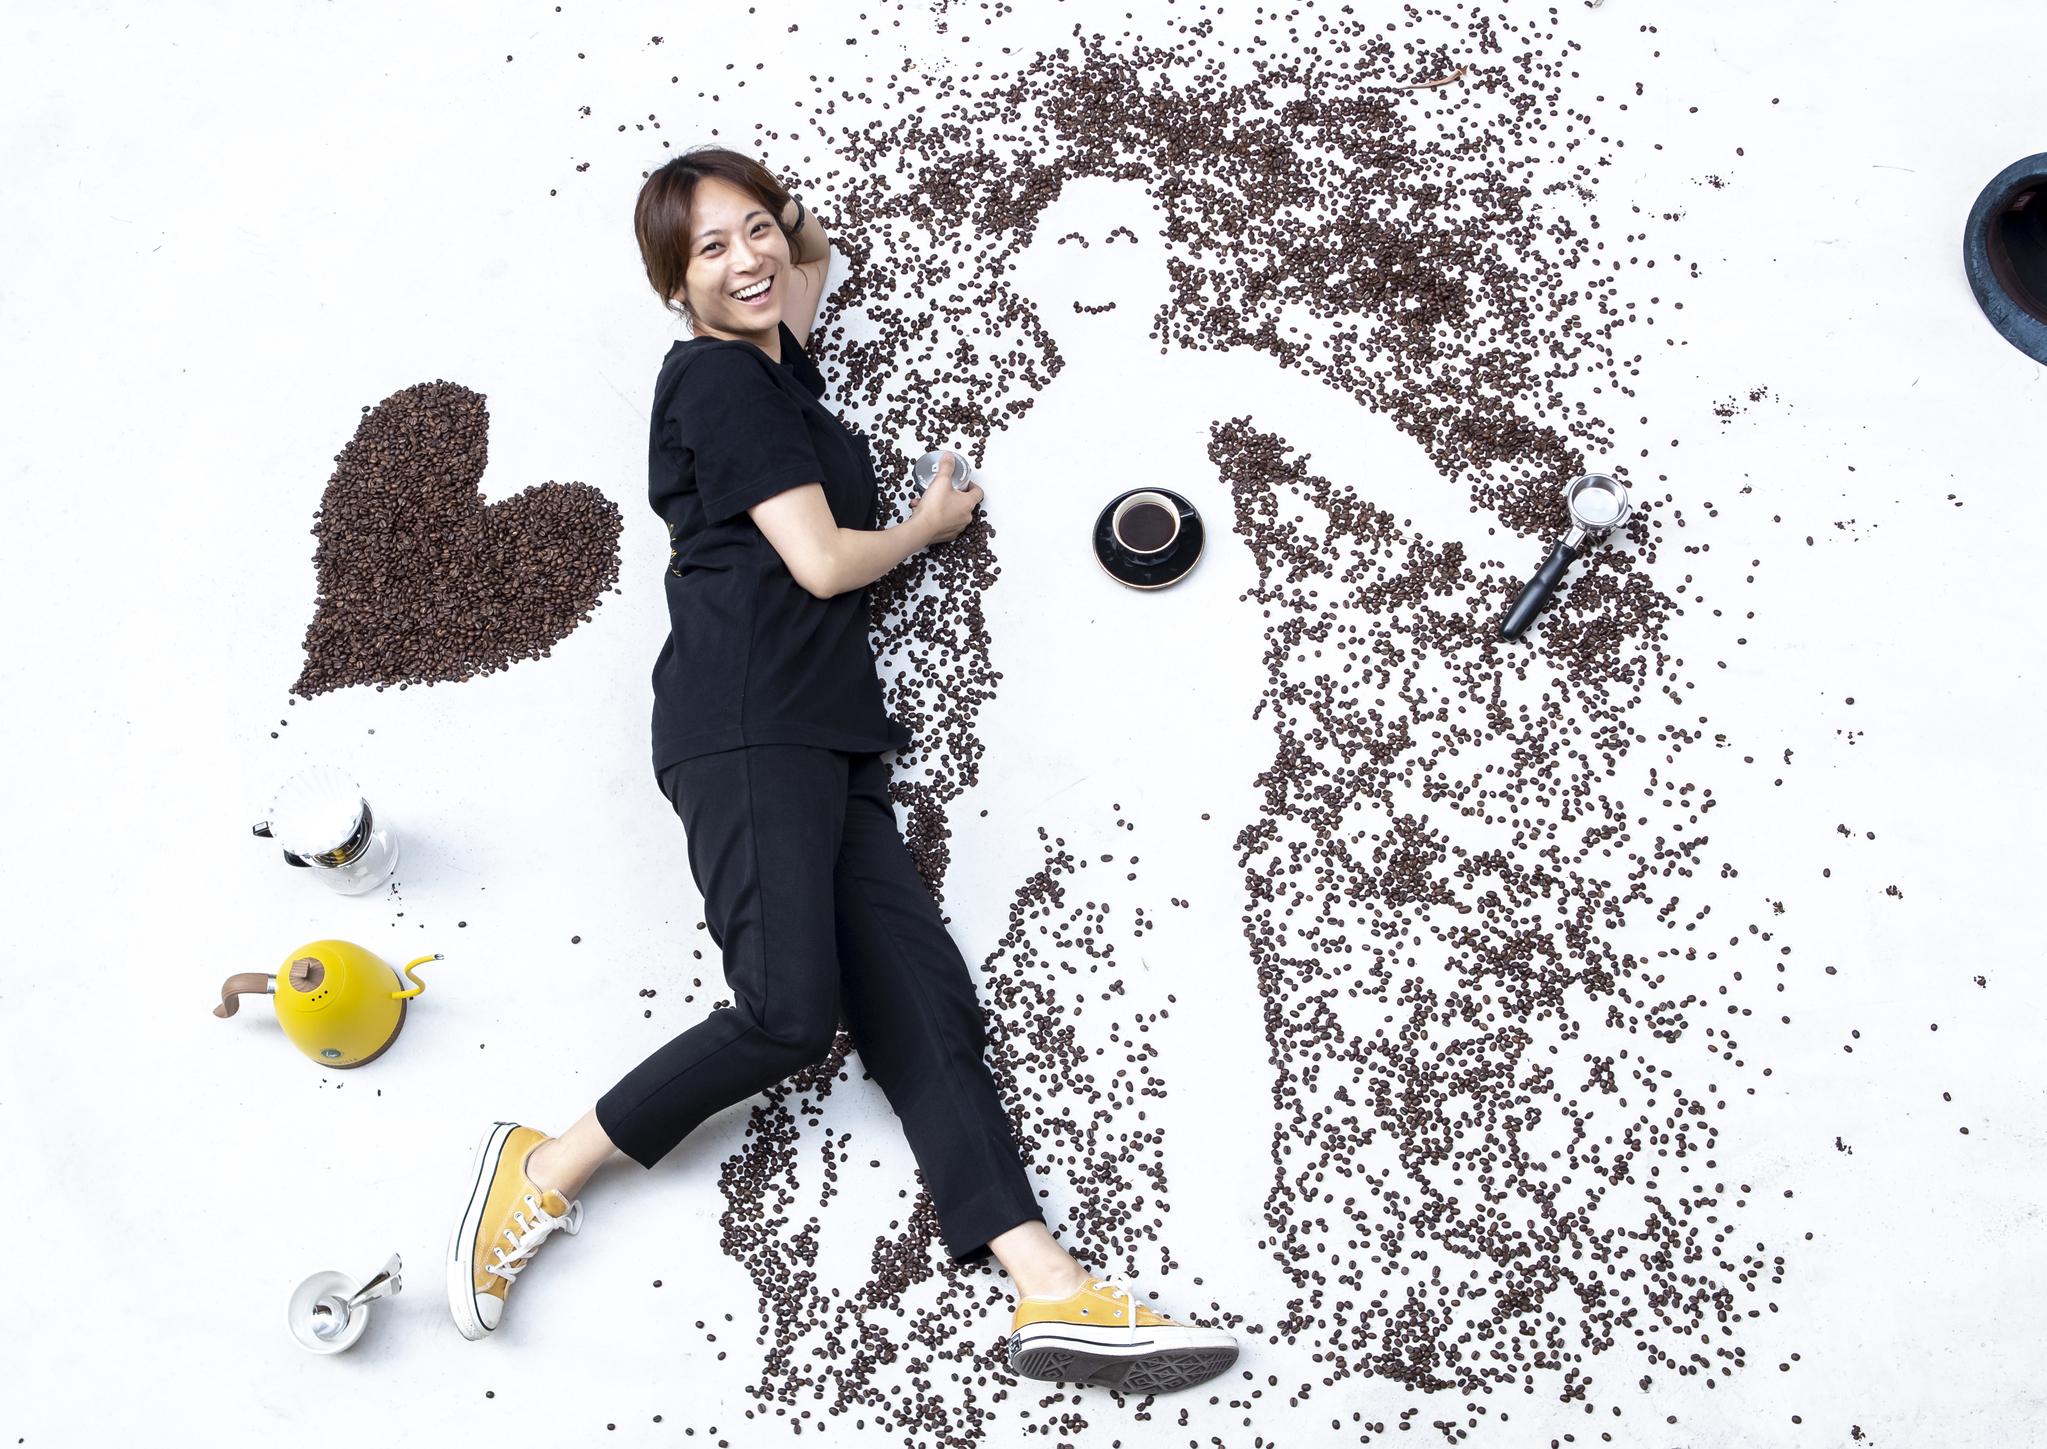 바리스타 전주연씨는 커피를 '에너지'라고 했다. 누r군가의 삶에 에너지를 주는 일, 그녀가 바리스타로 사는 이유였다. 20190515/ 권혁재 사진전문기자